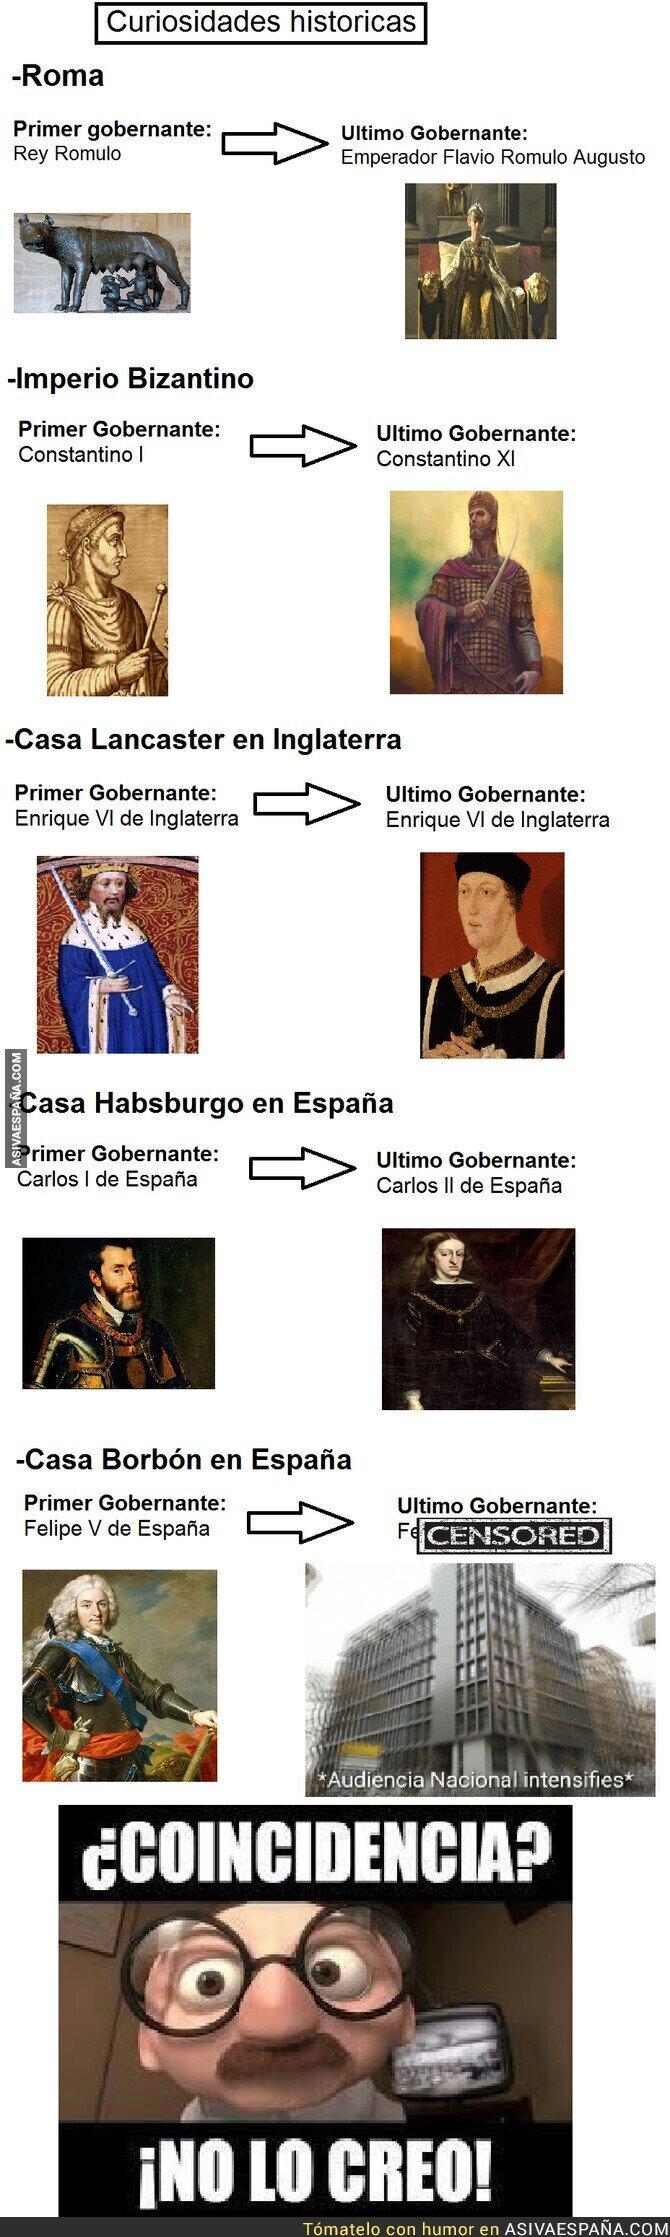 137012 - Primer y últimos gobernantes de algunas dinastías